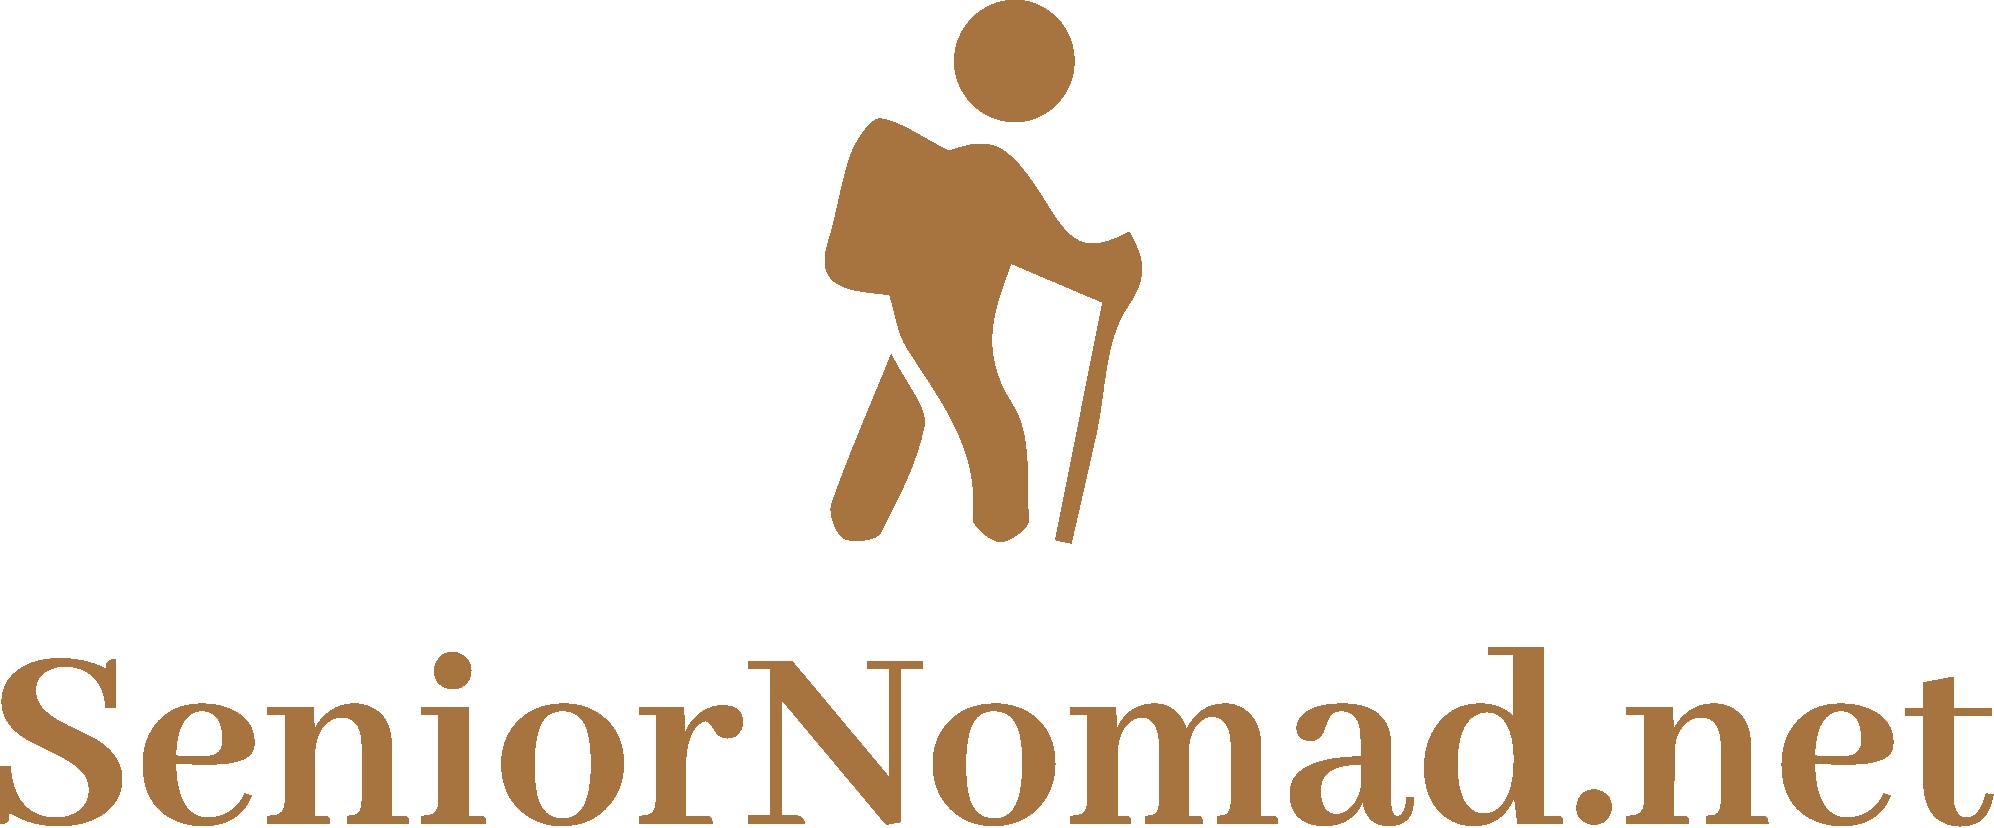 SeniorNomad.net